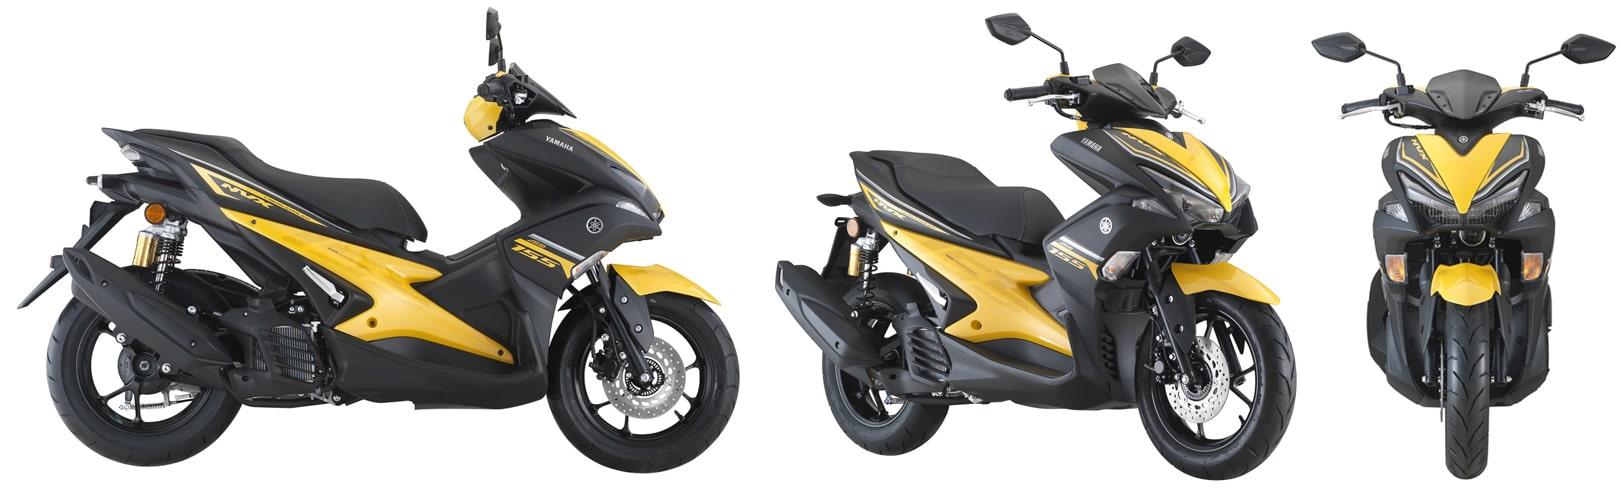 ยามาฮ่า Aerox 2020 สีเหลือง